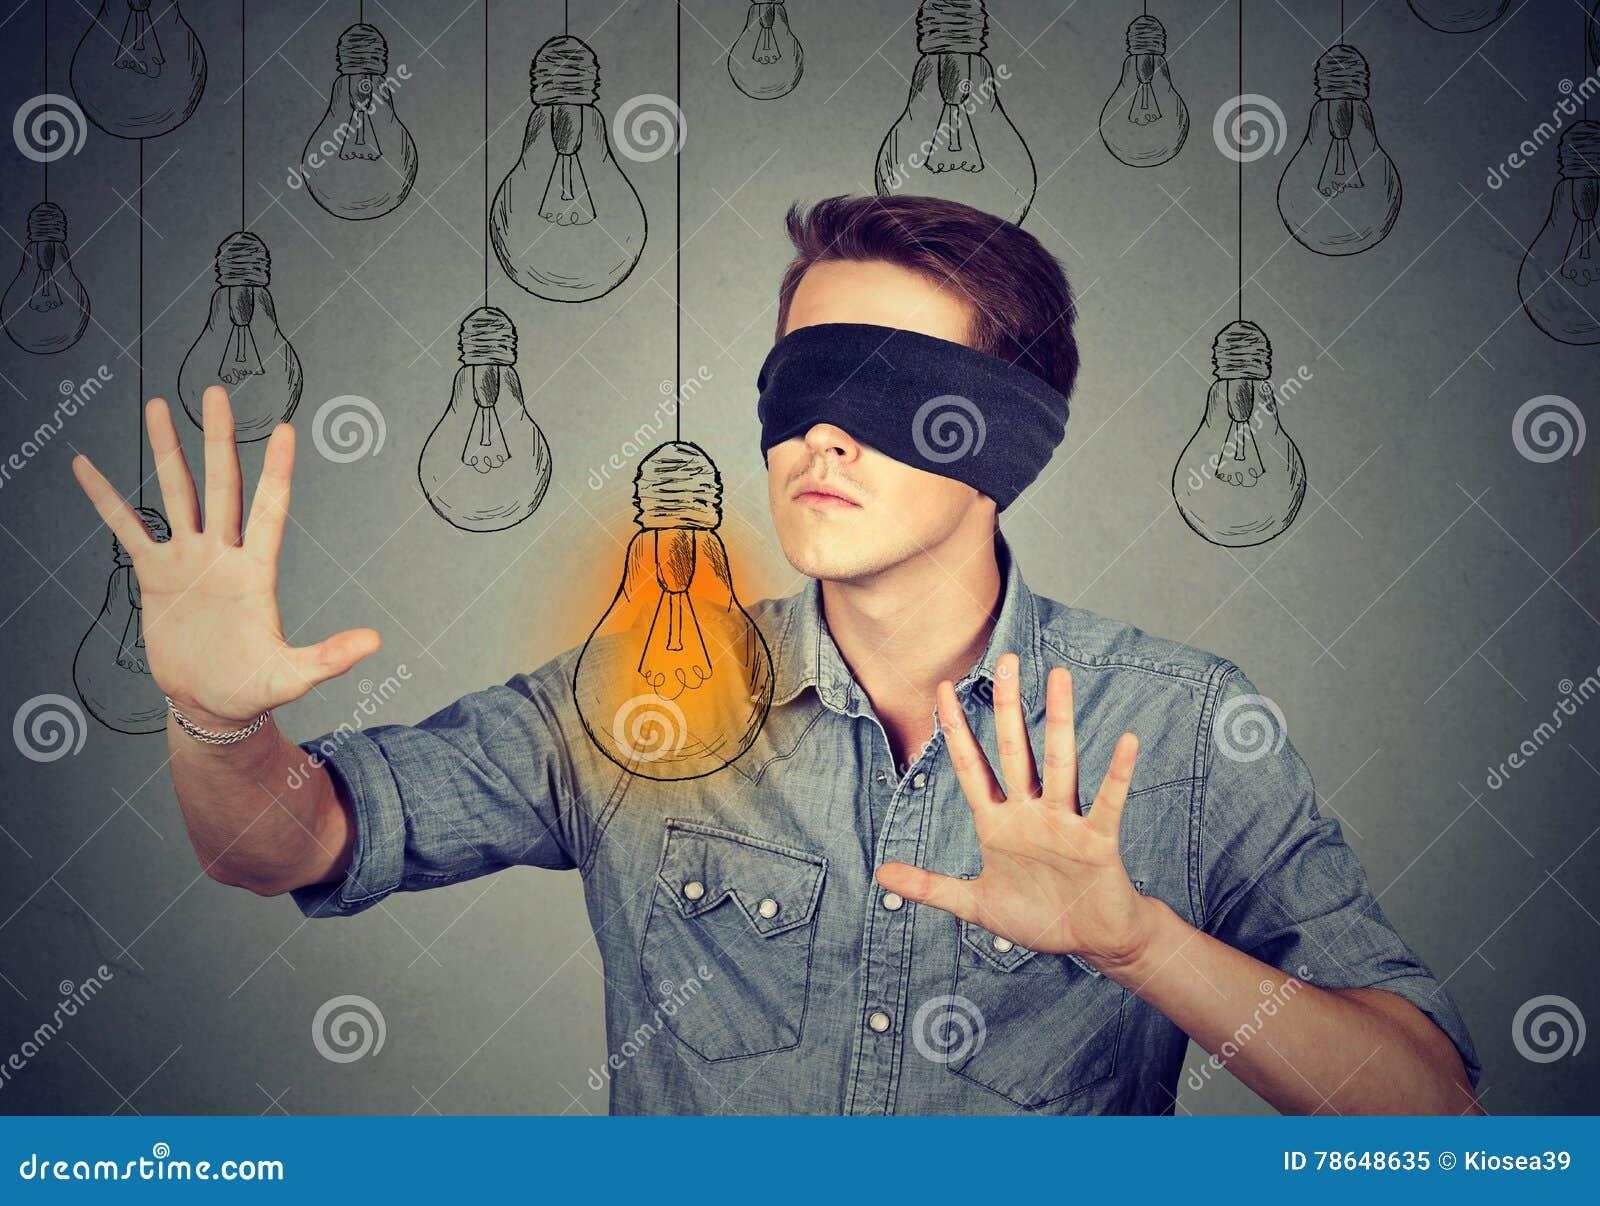 Mann mit verbundenen Augen, der durch die Glühlampen suchen nach Idee geht